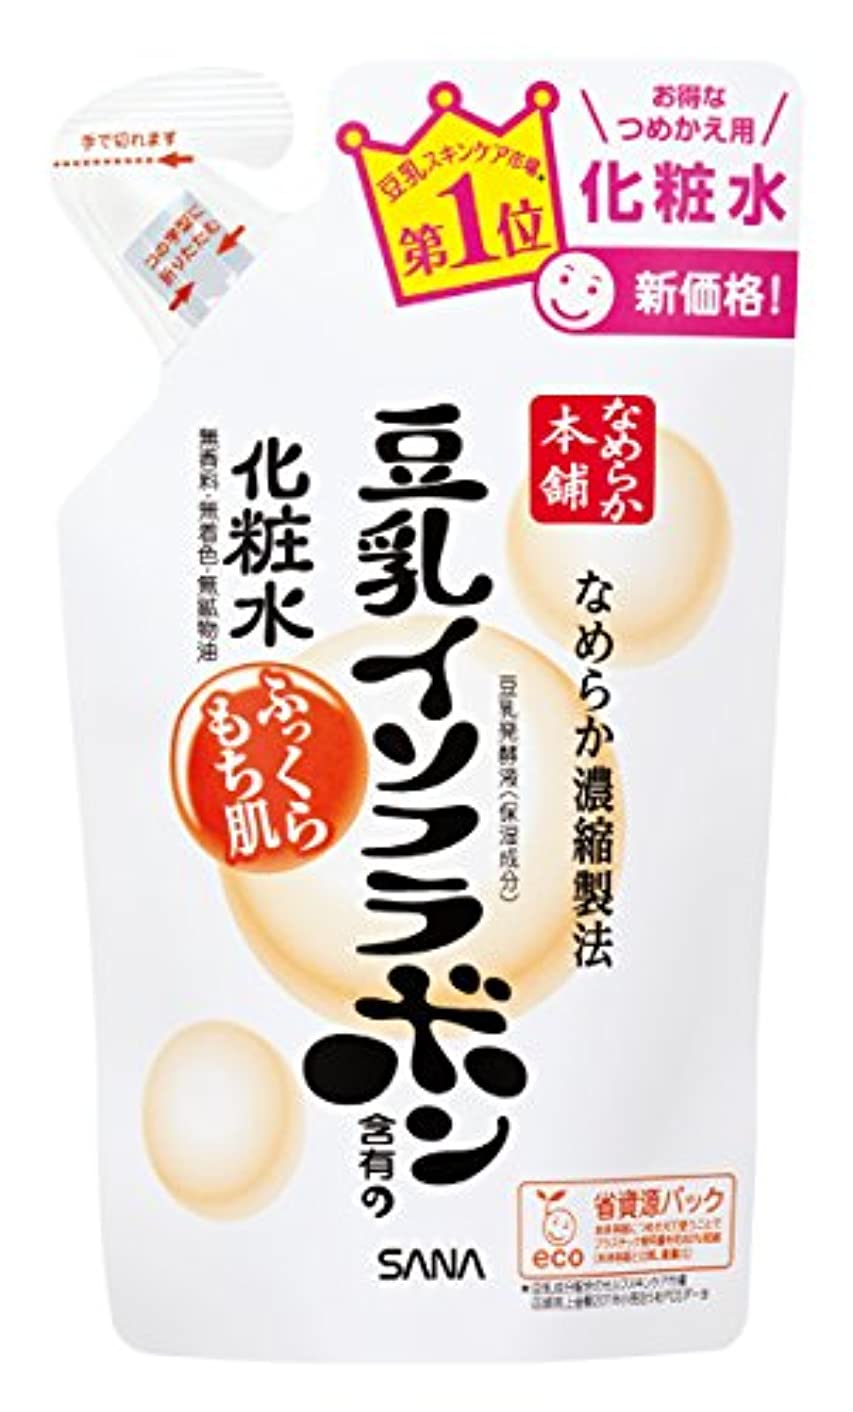 肥満ベリー組み合わせなめらか本舗 化粧水NA(つめかえ用) 180ml